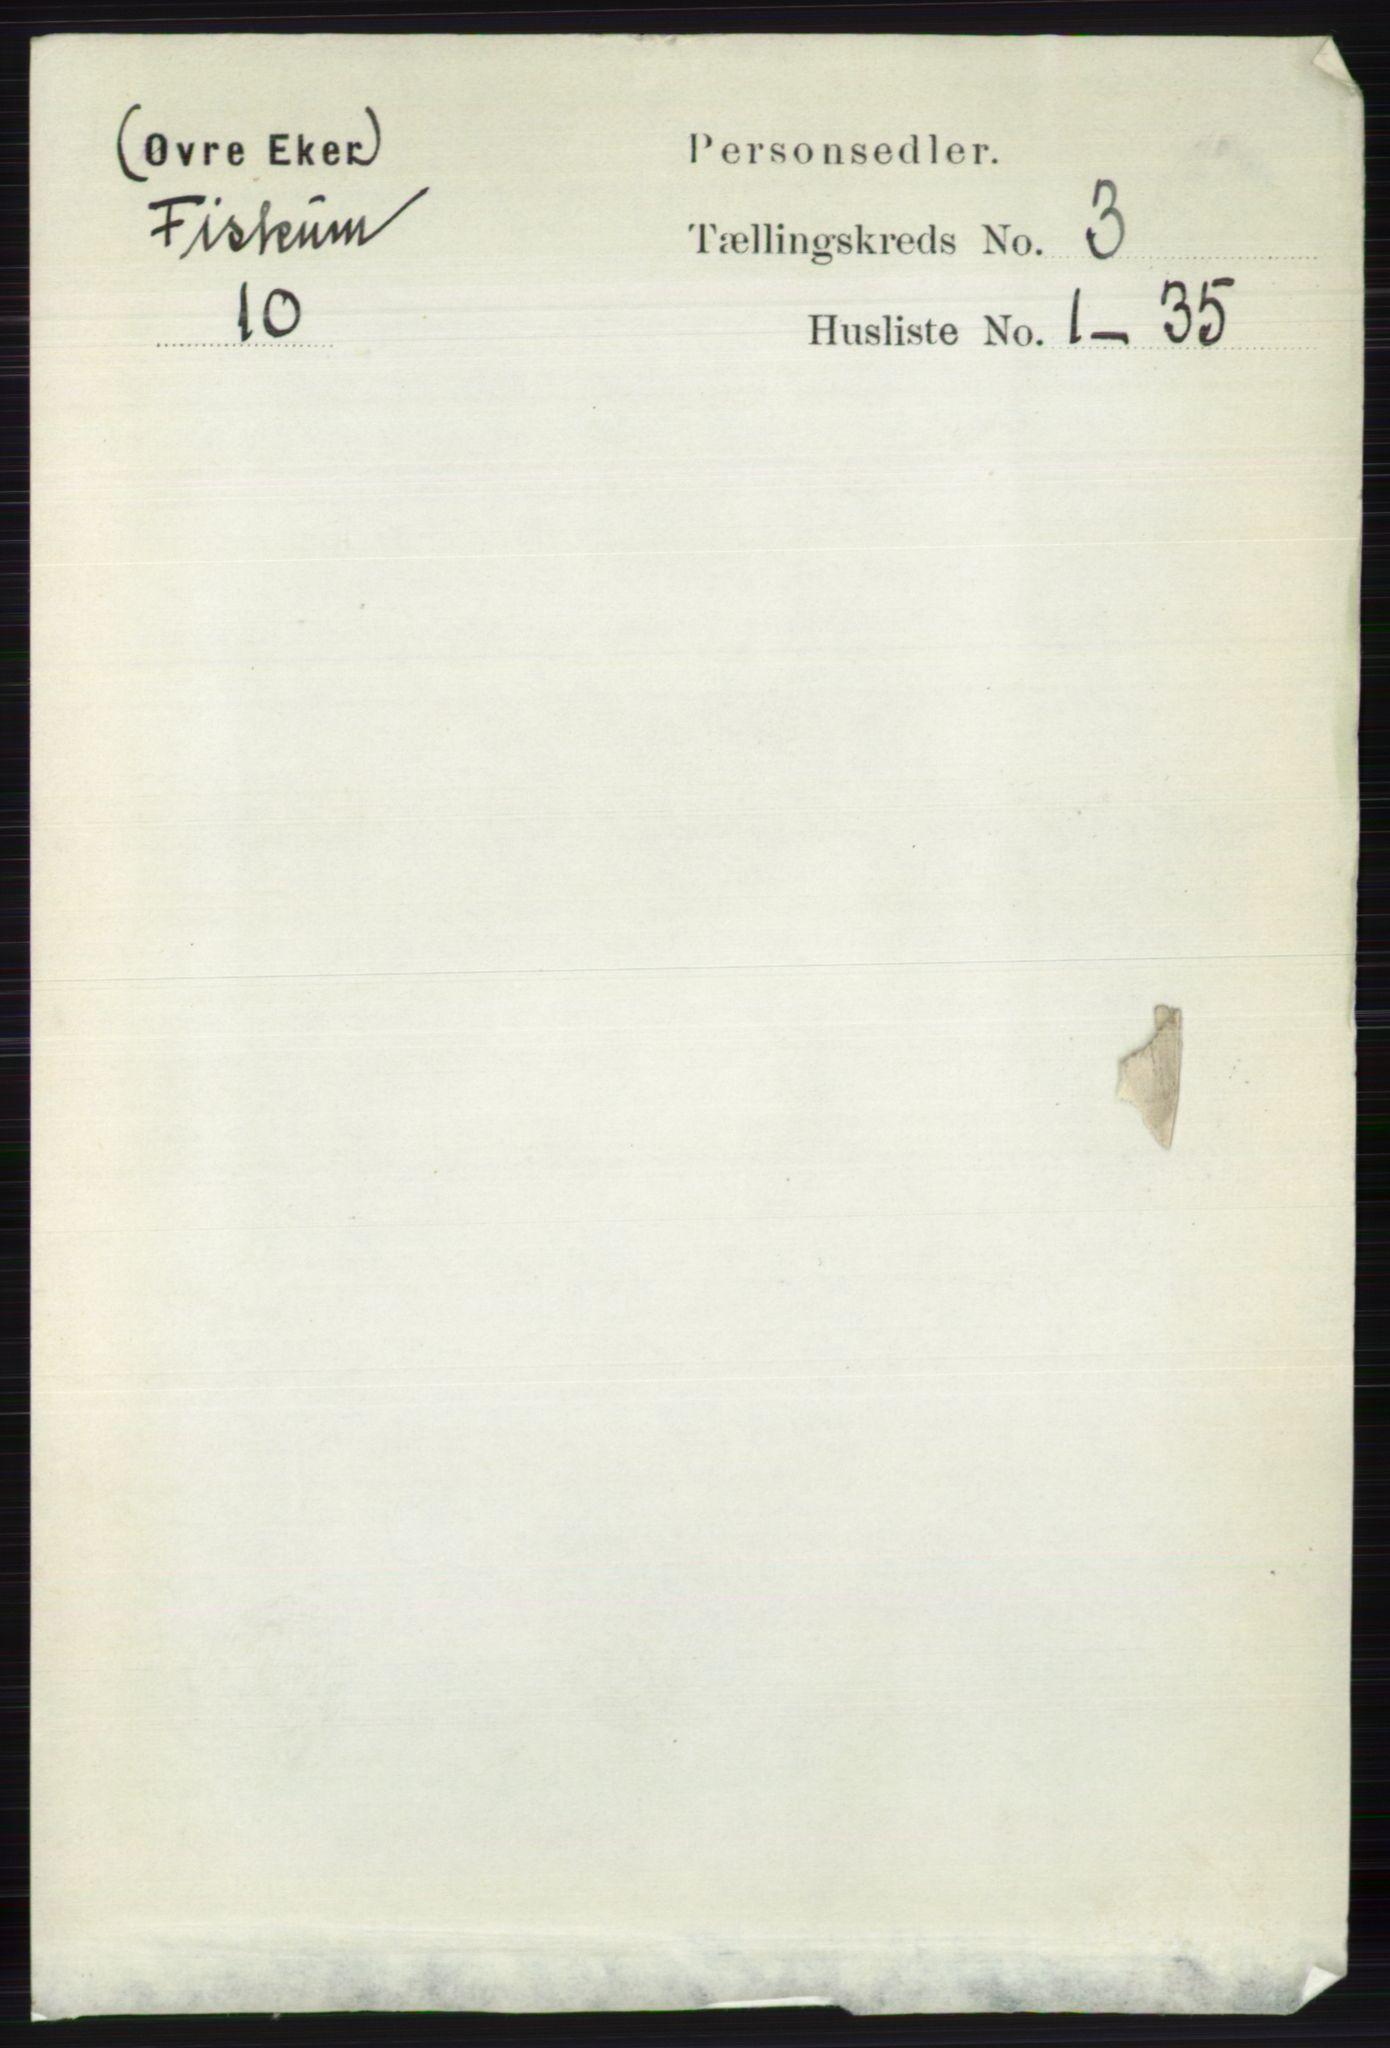 RA, Folketelling 1891 for 0624 Øvre Eiker herred, 1891, s. 9076